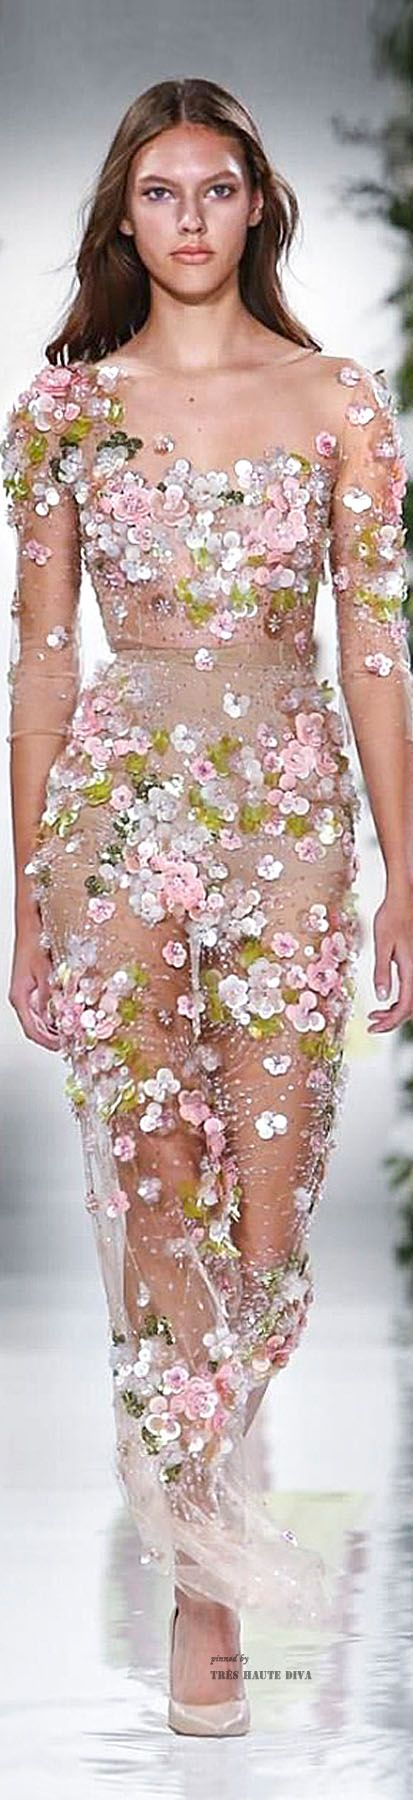 Hermoso vestido de noche para invitadas de una boda elegante #BodaTotal